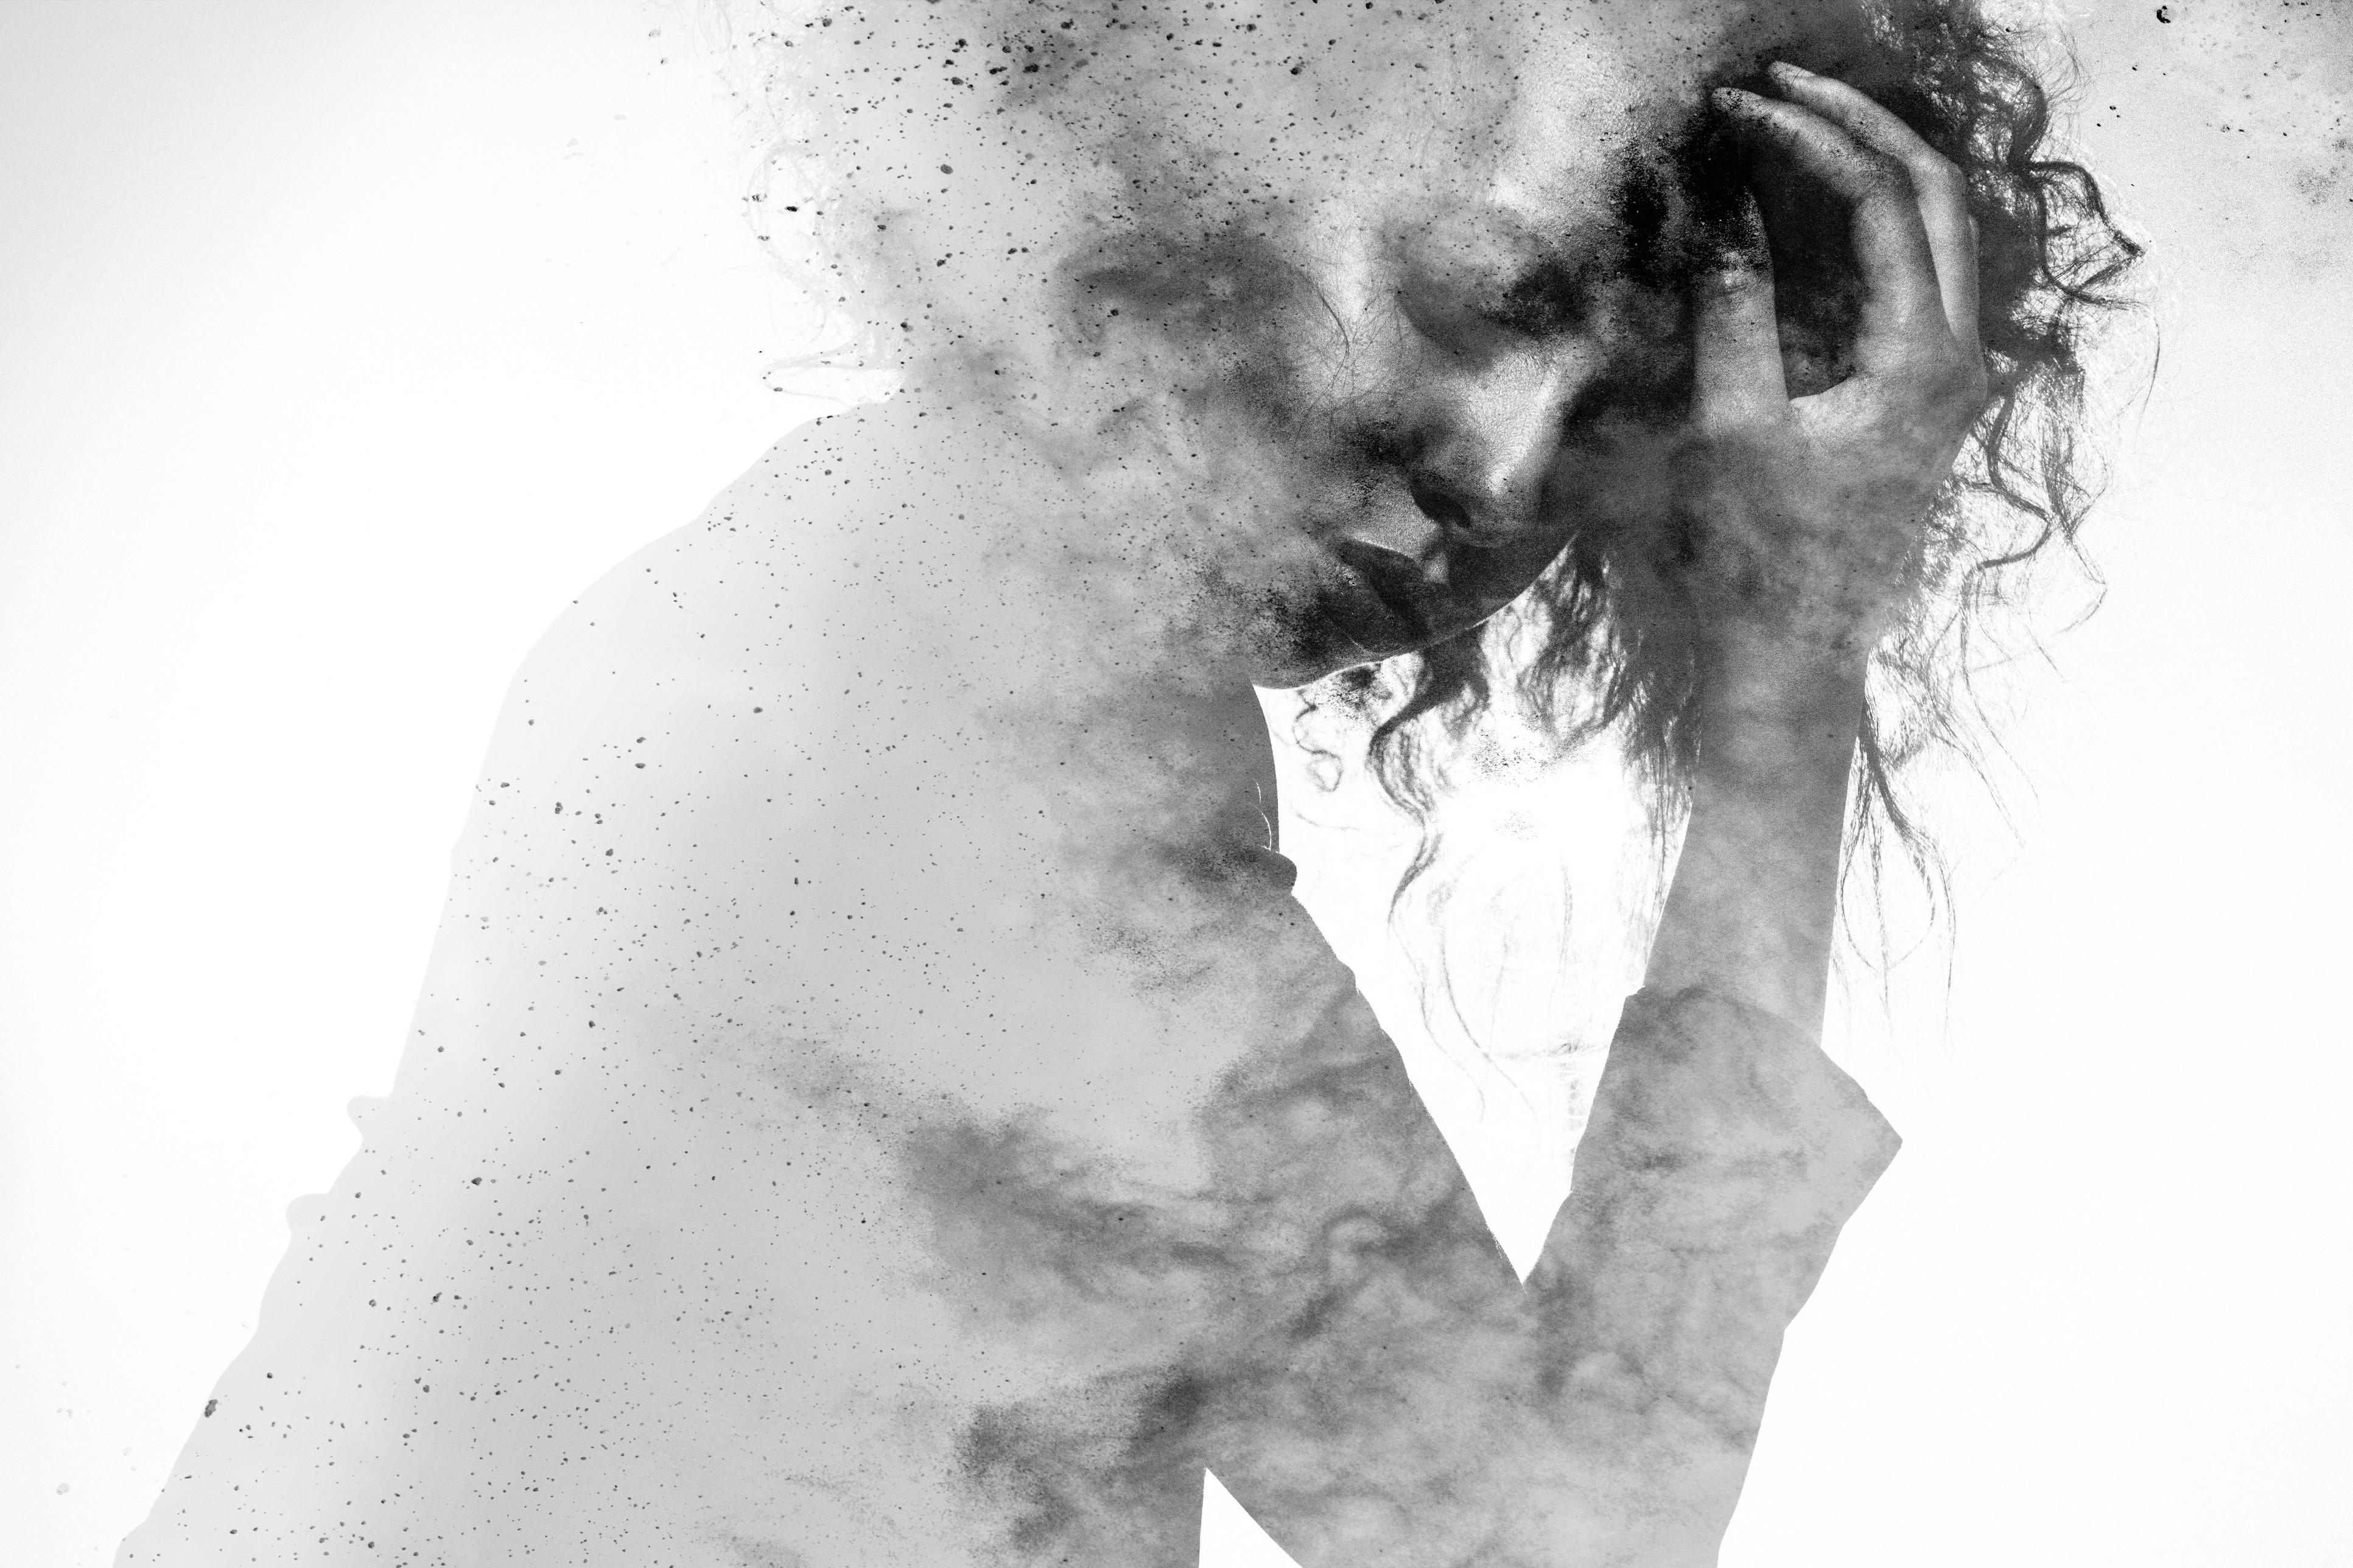 Já sofreu de acédia? 7 emoções do passado que o ser humano já não sente